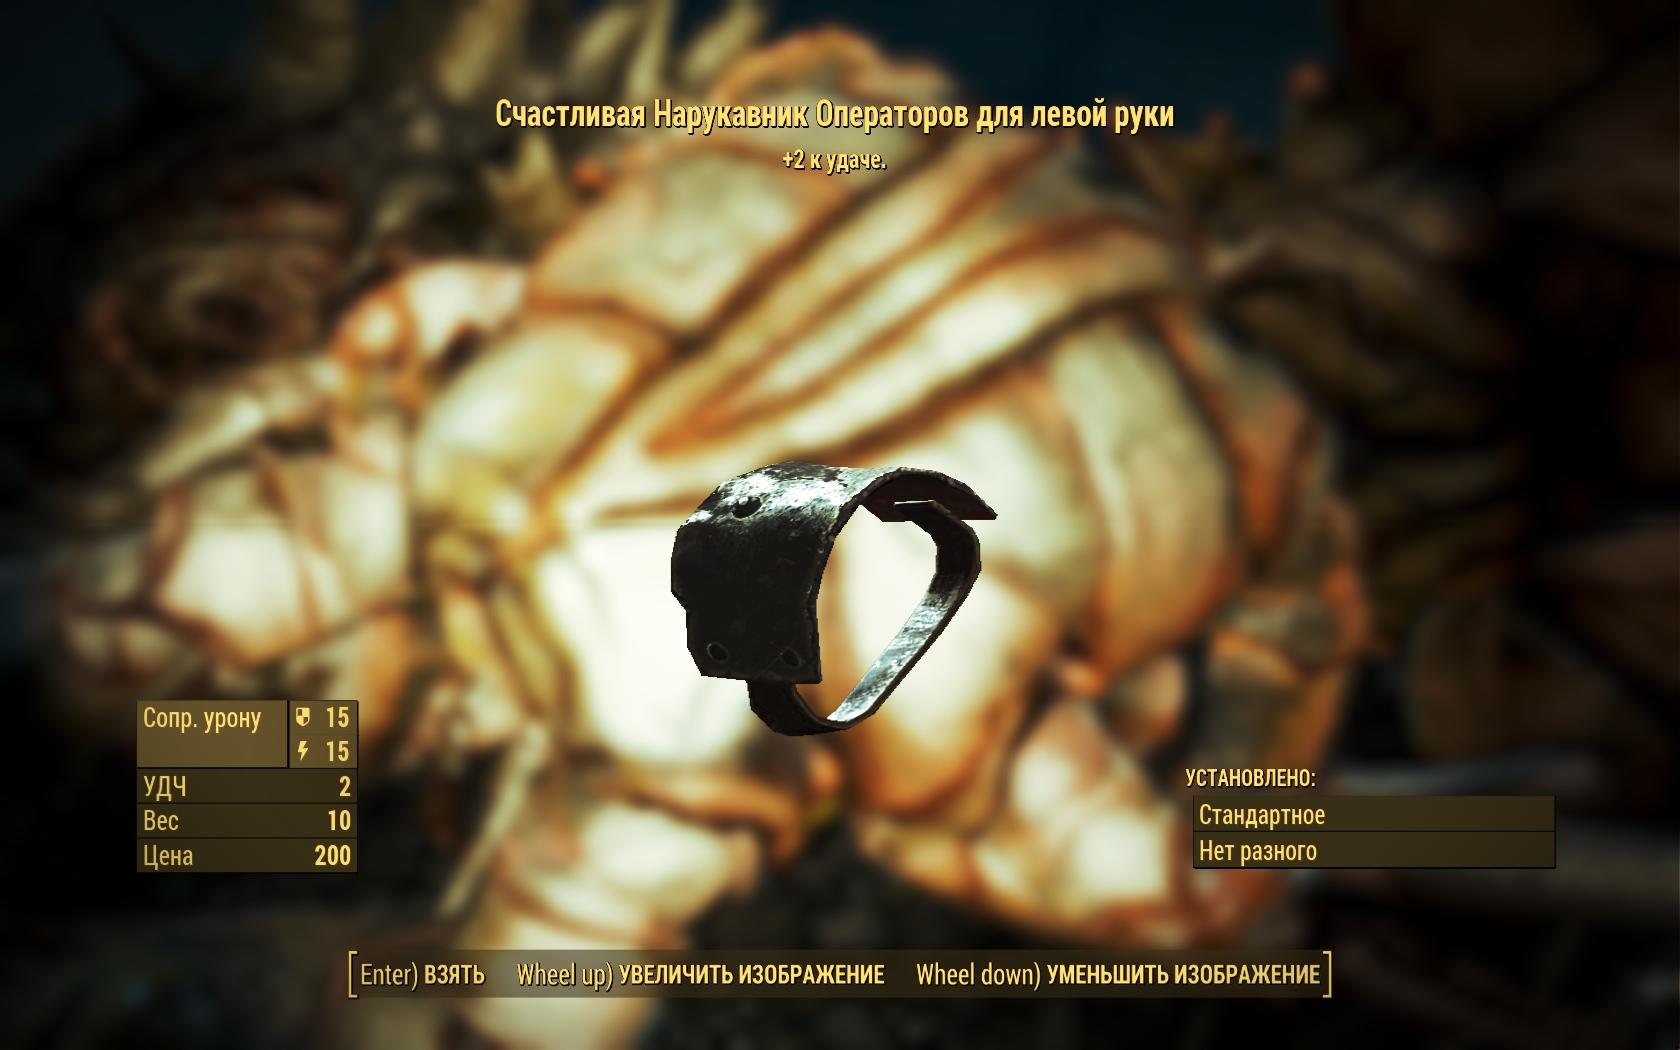 Счастливая нарукавник Операторов для левой руки - Fallout 4 нарукавник, Одежда, Счастливая